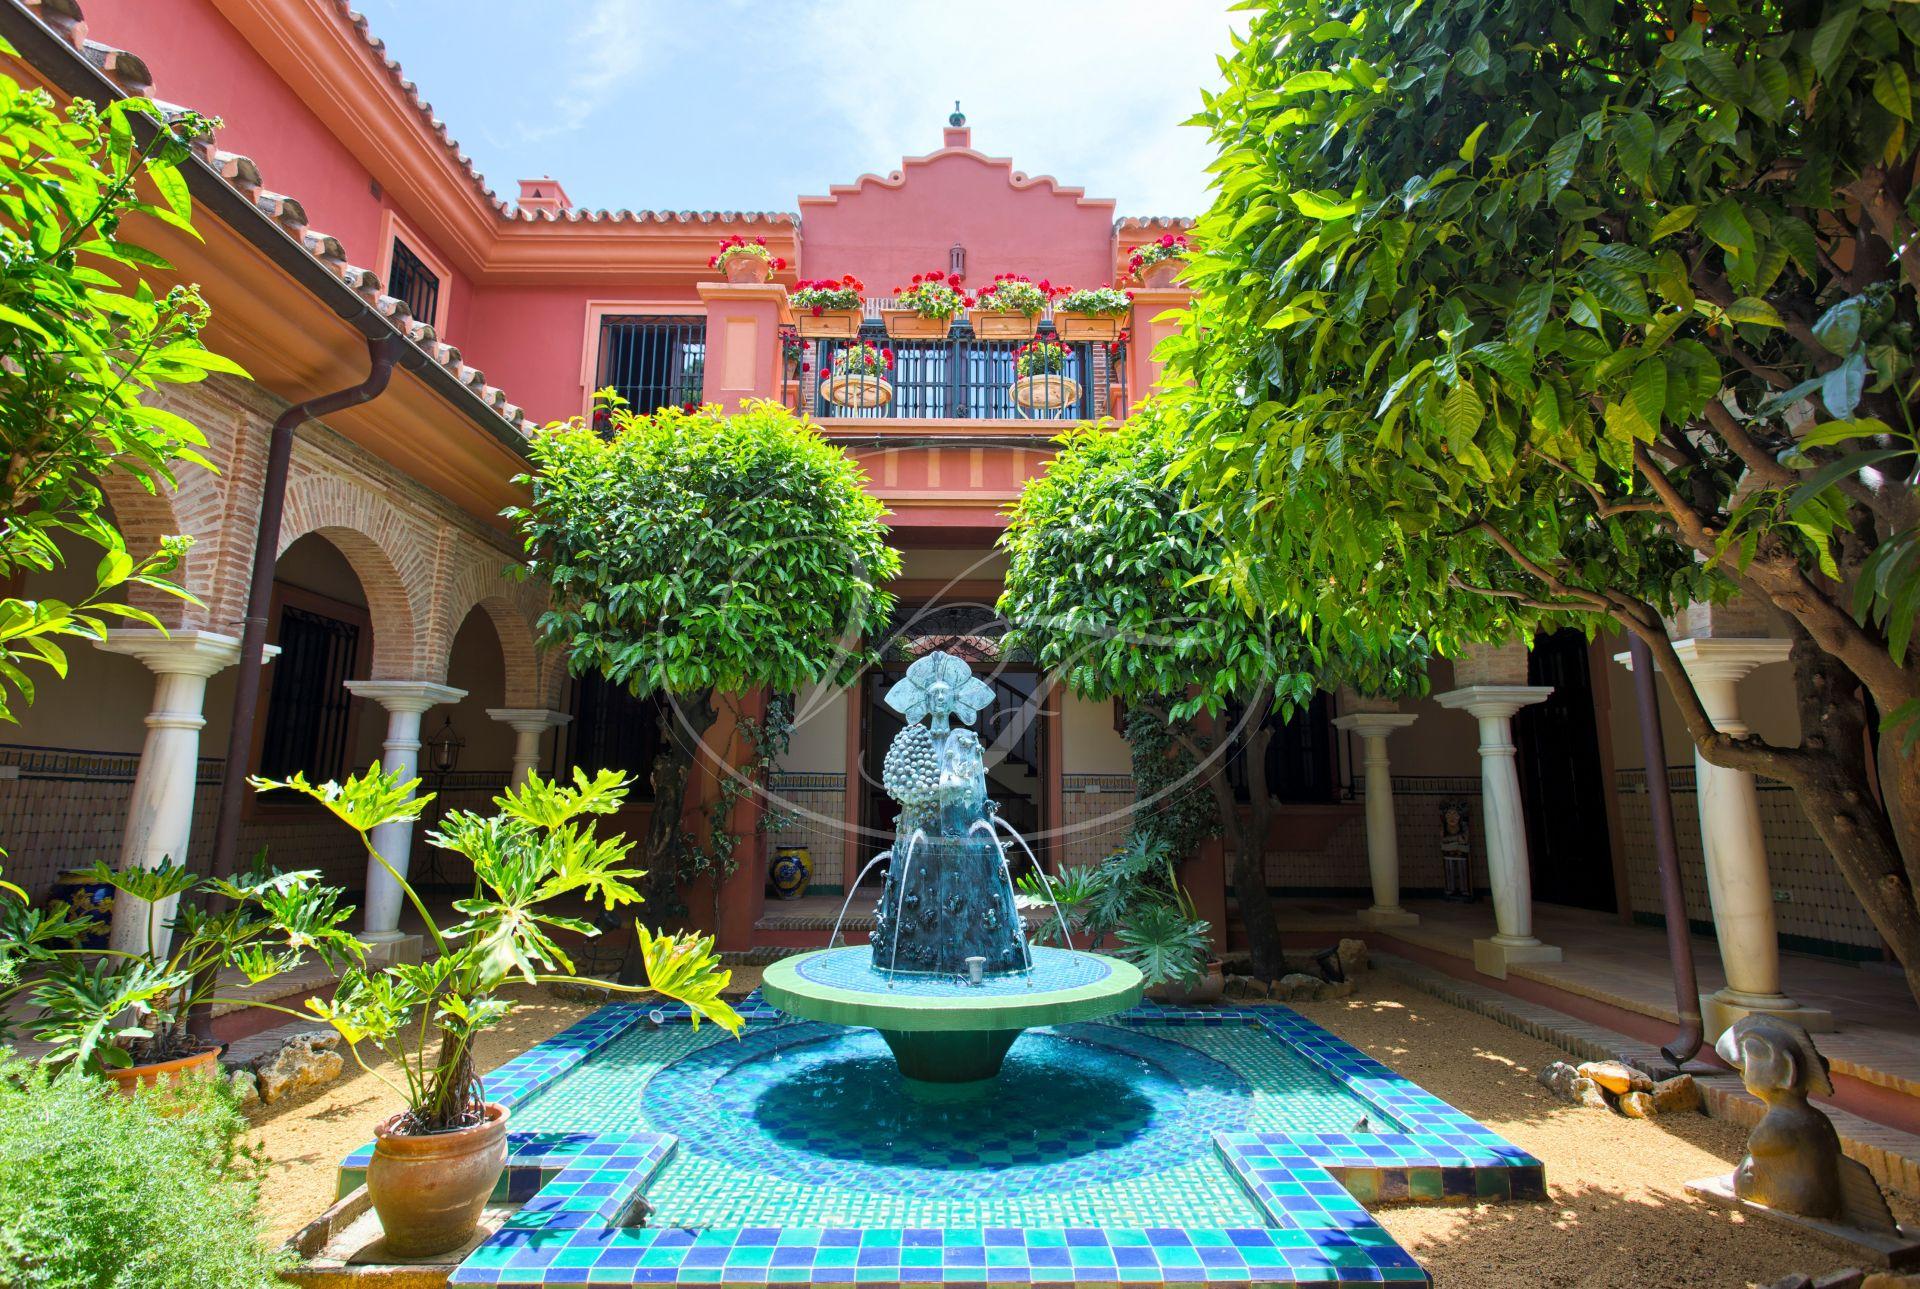 Villa for sale in La Zagaleta, Benahavis